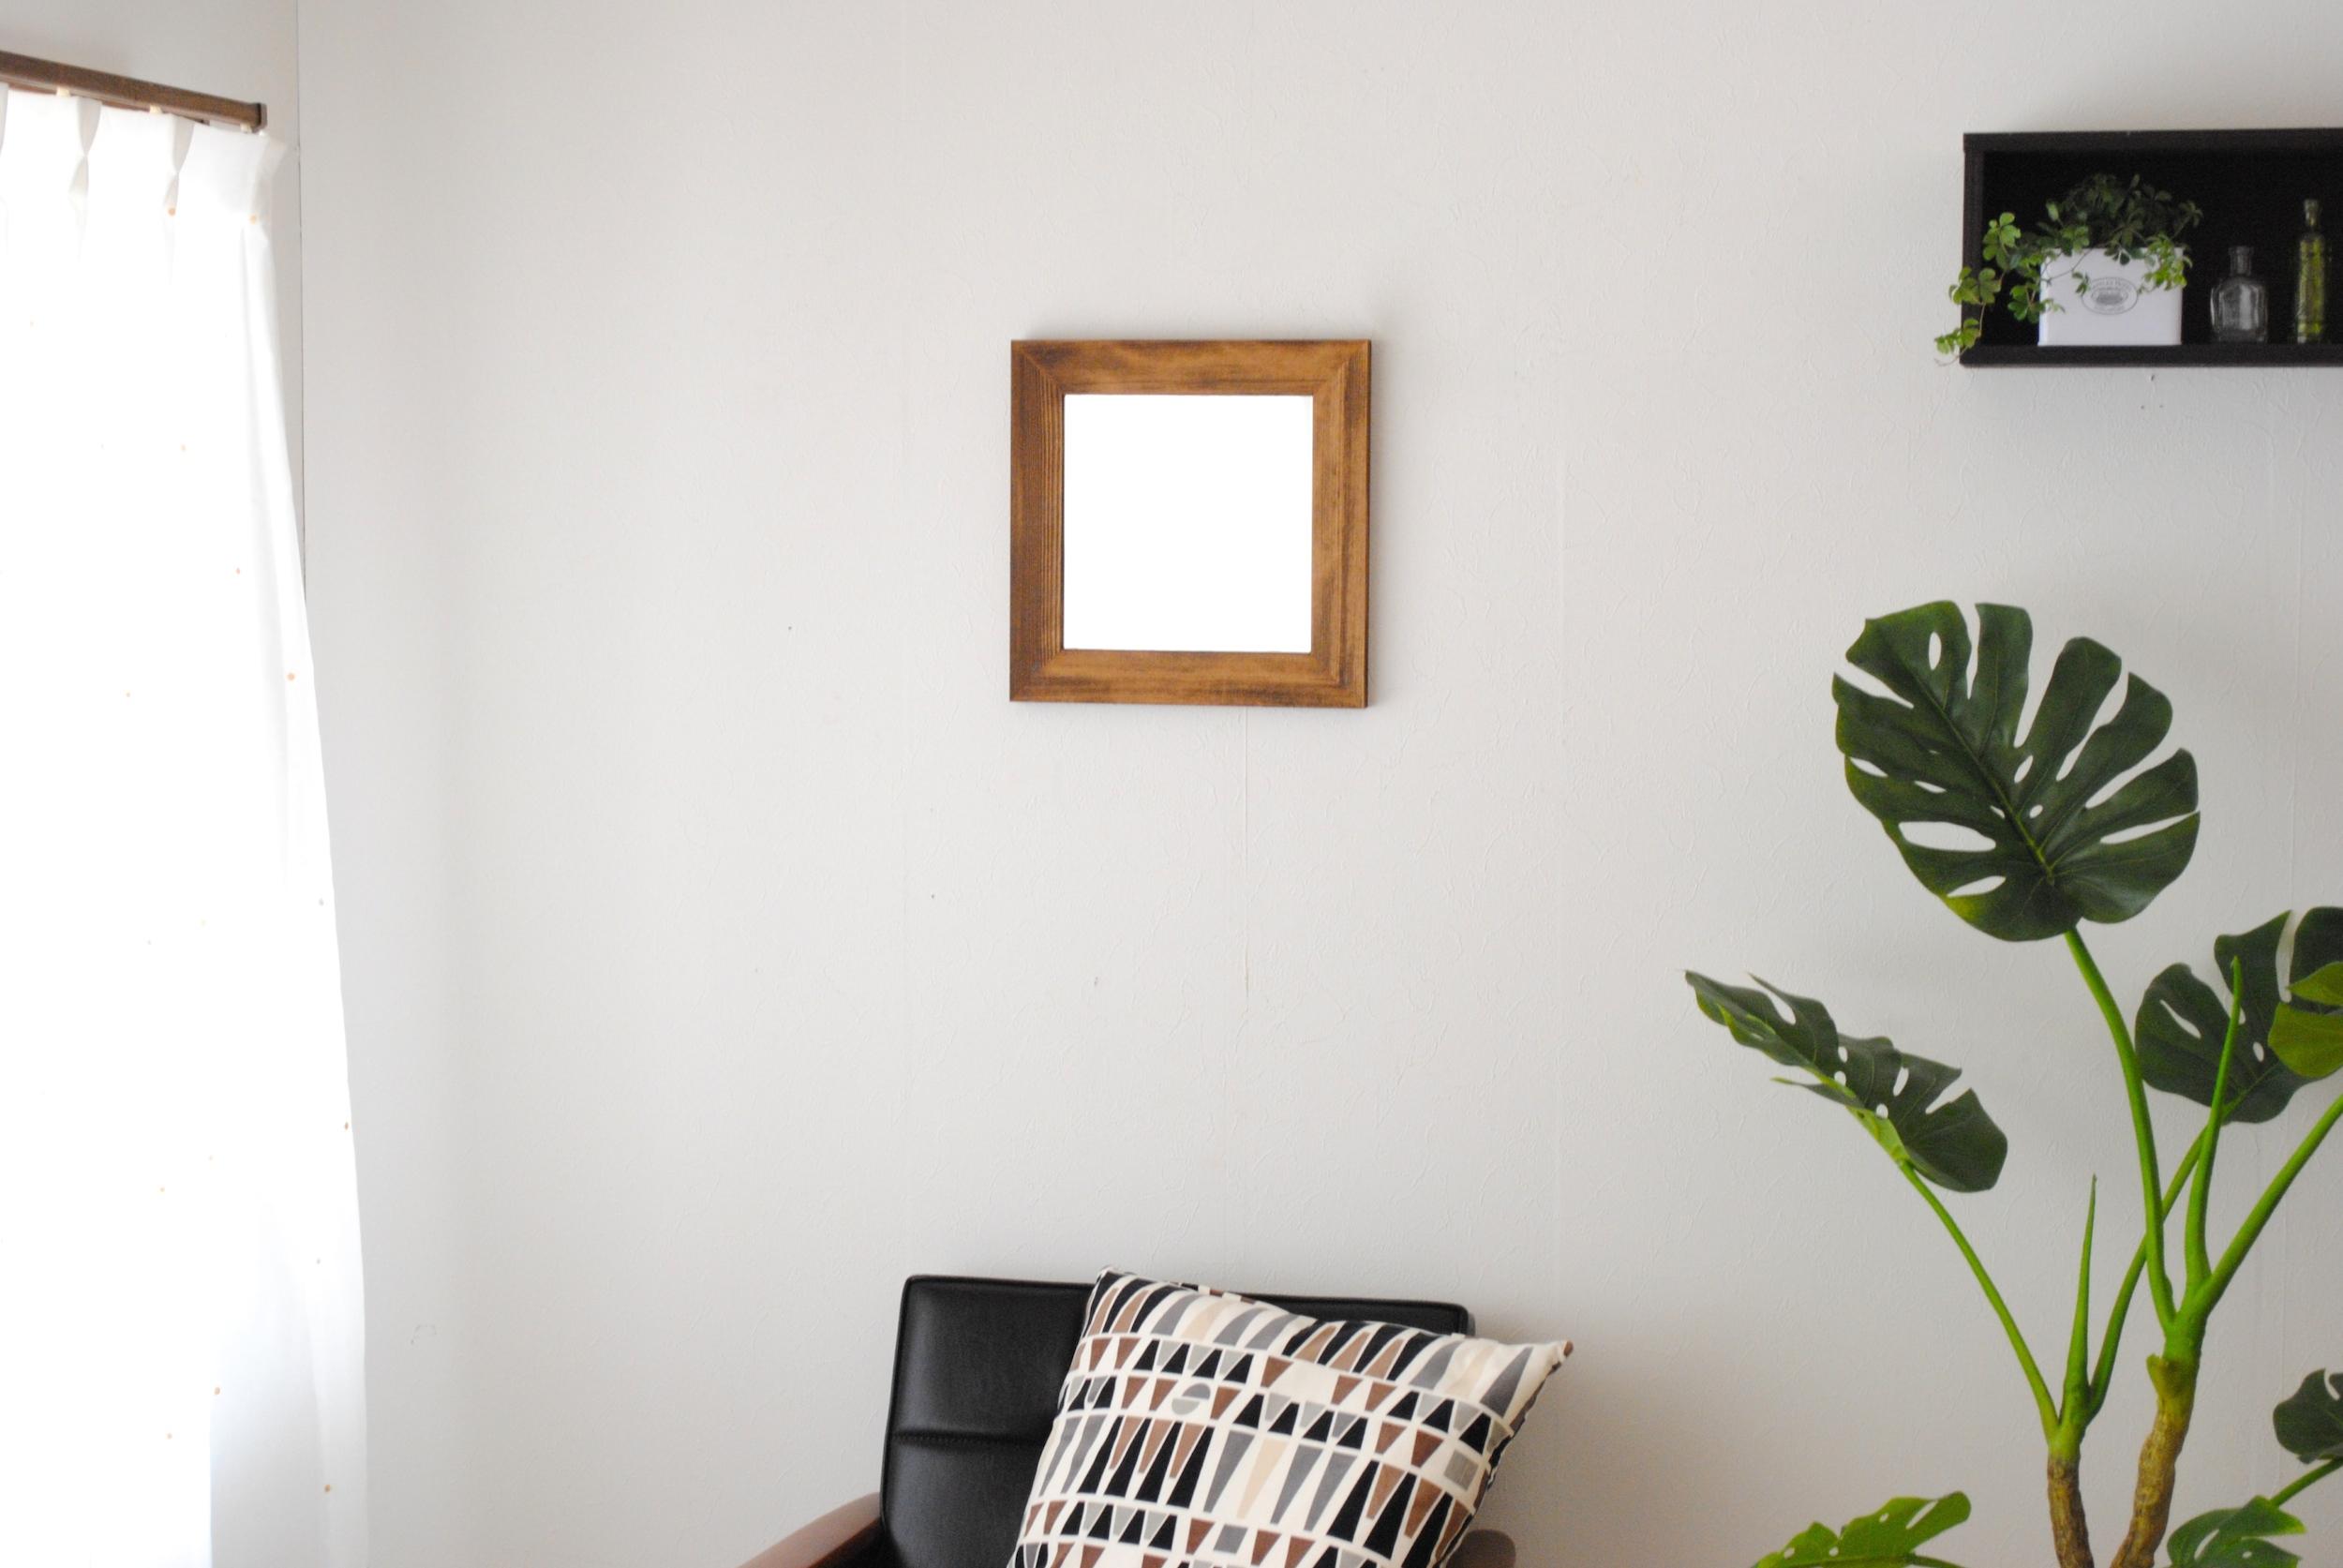 レオン 33x33cm 全3色 カフェミラー 壁掛けミラー 正方形 (通常便商品)